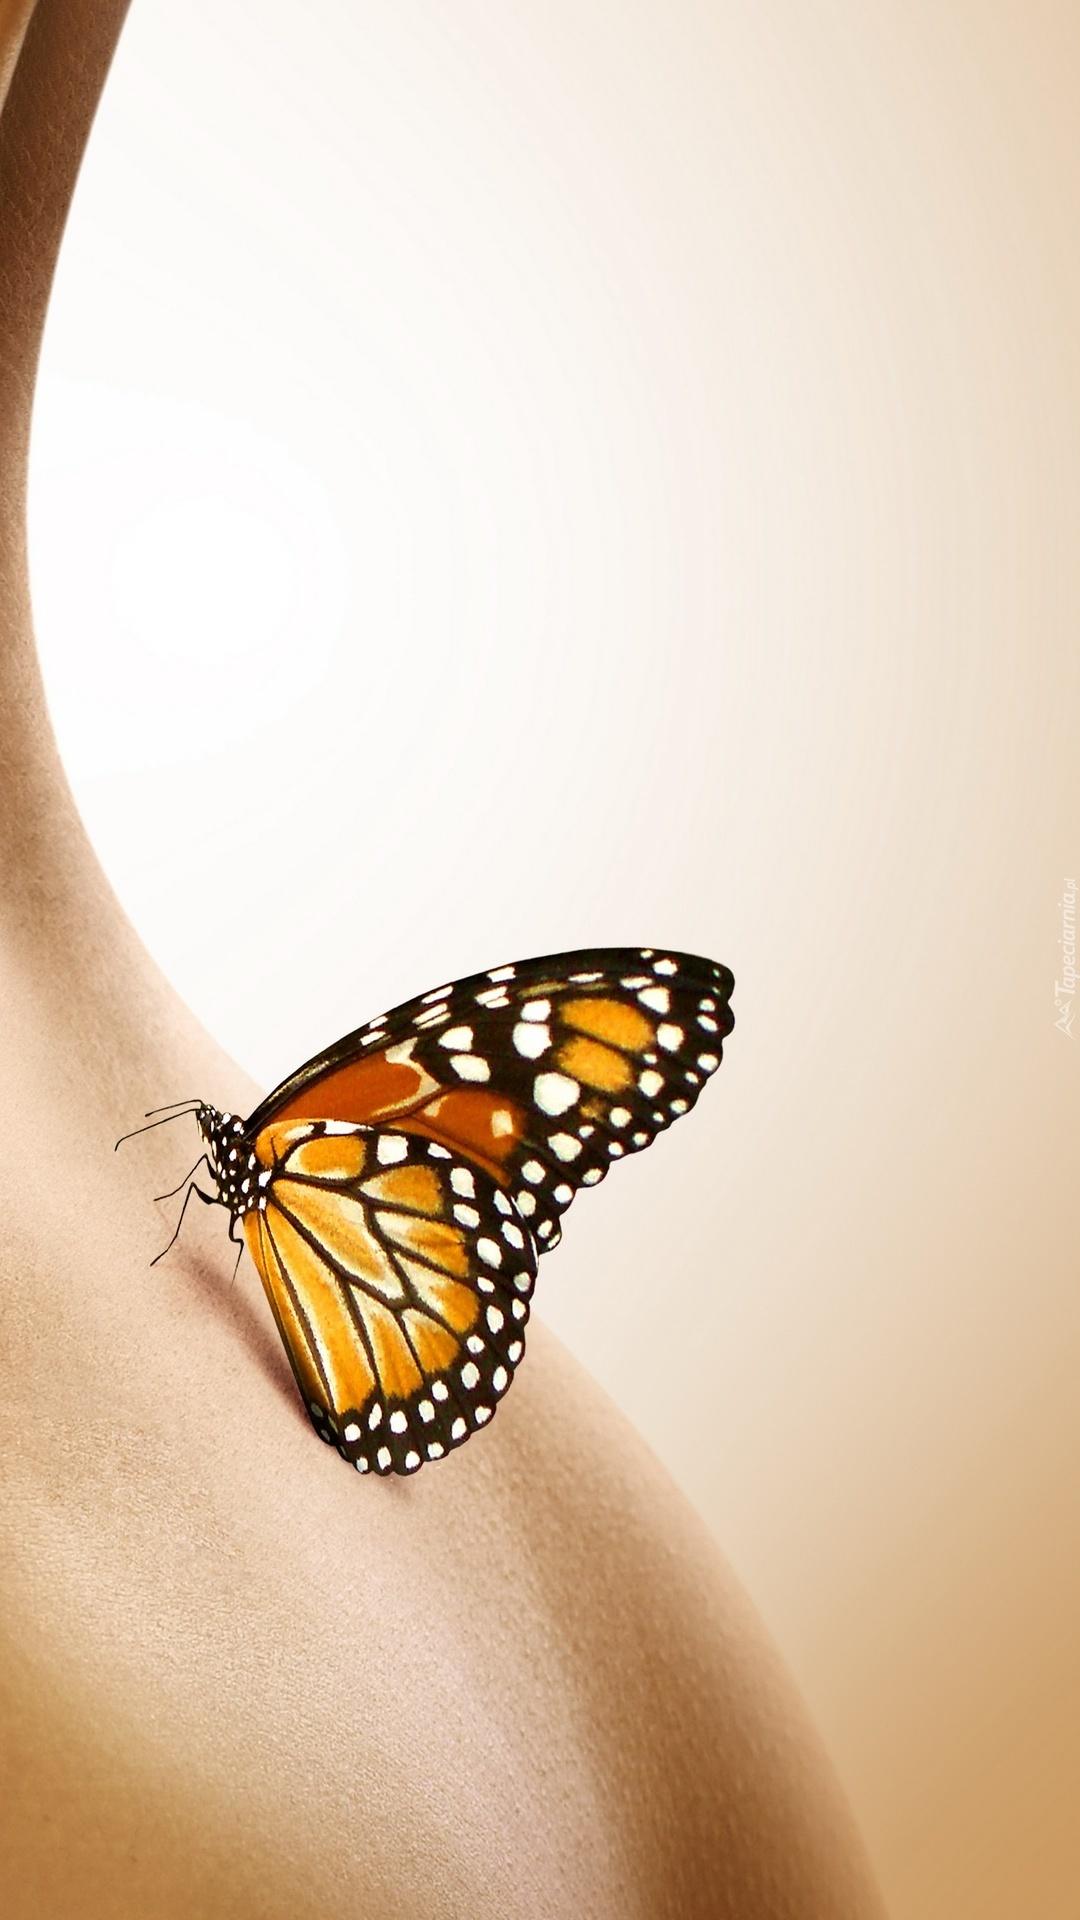 Motyl na ciele kobiety